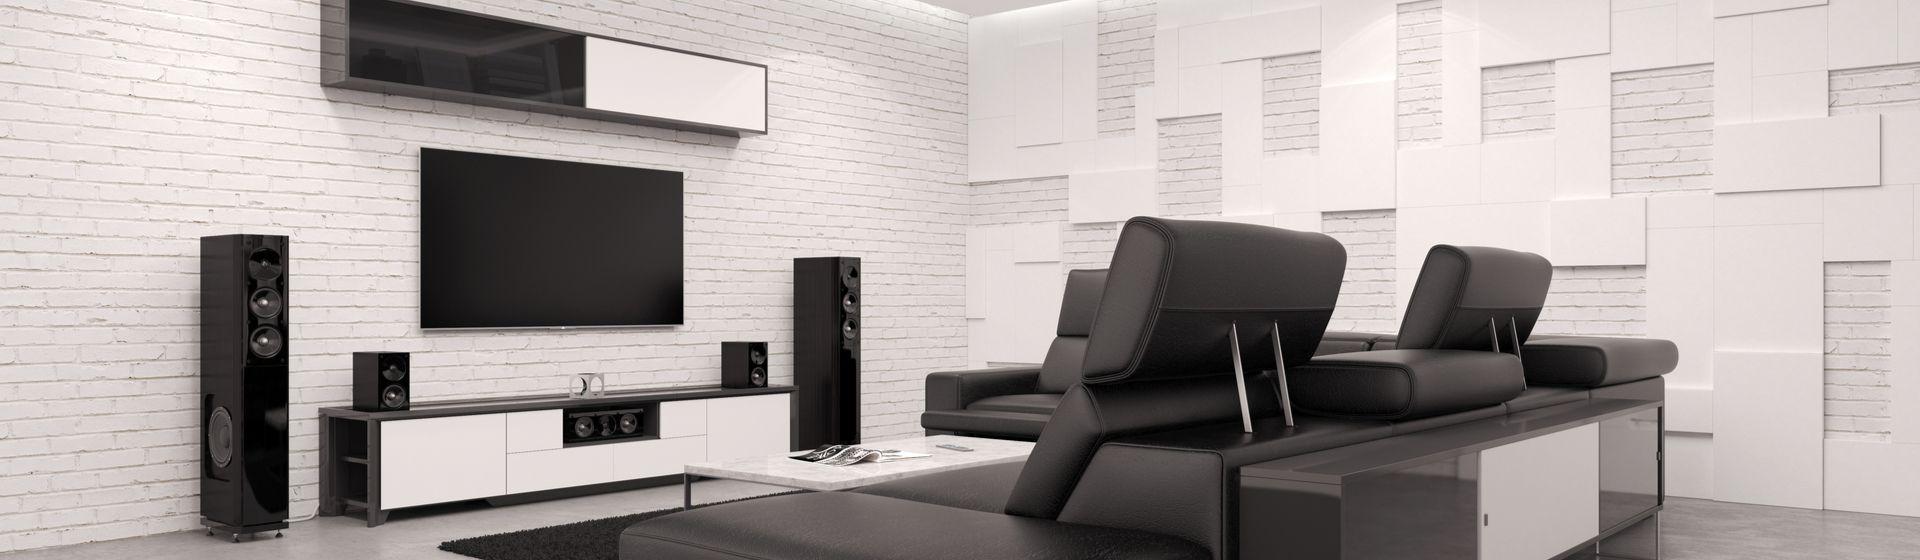 Como ligar home theater na TV?